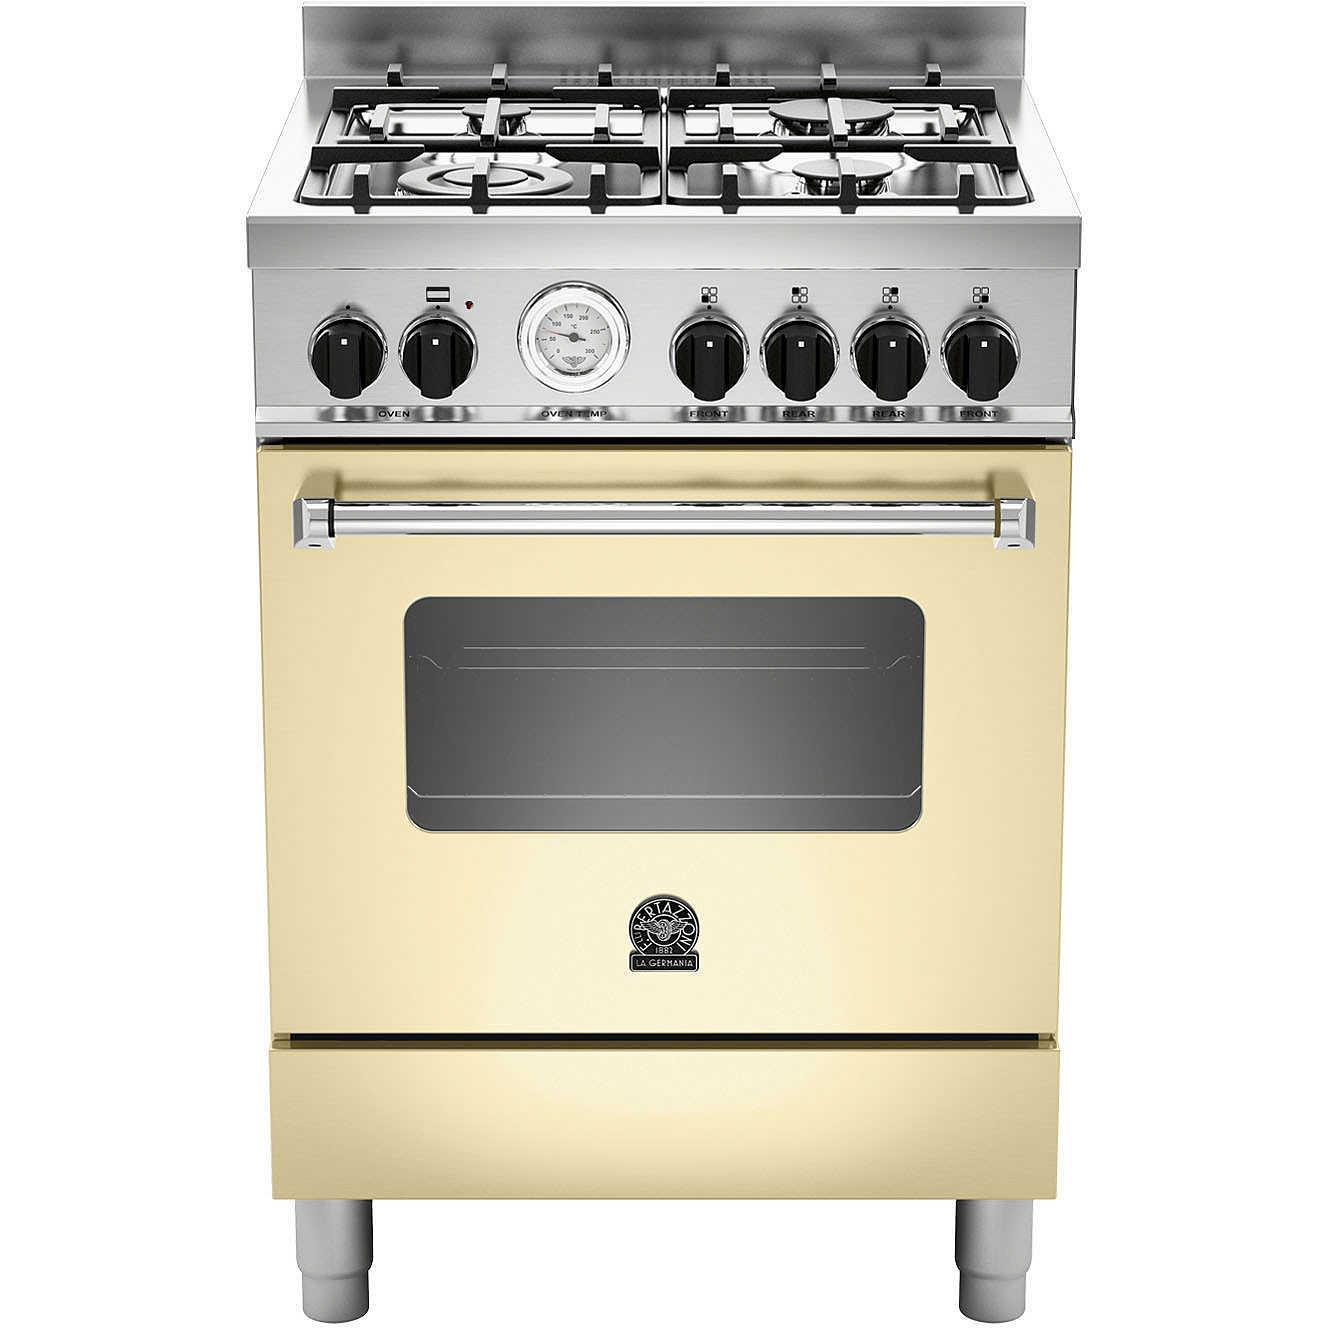 La germania amn604gevscrt cucina 60x60 4 fuochi a gas forno gas ventilato con grill elettrico 56 - Cucina con forno a gas ventilato ...